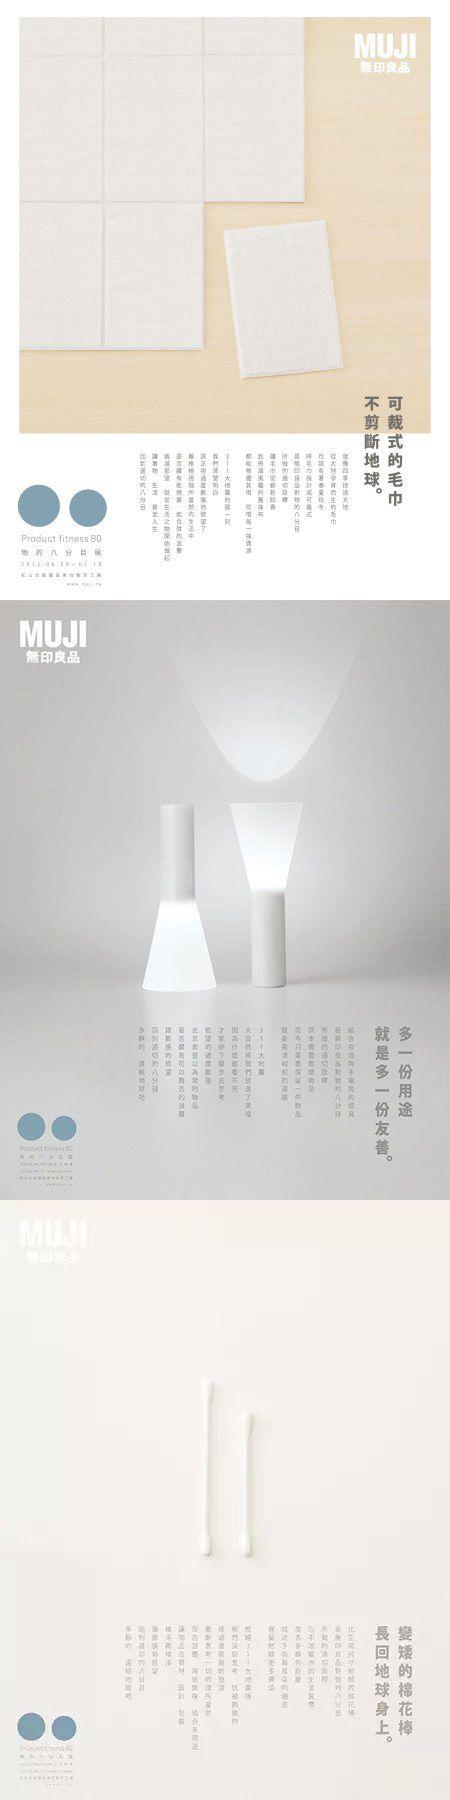 // 2012 MUJI  物的八分目 PRODUCT FITNESS 80  展覽台灣 \\